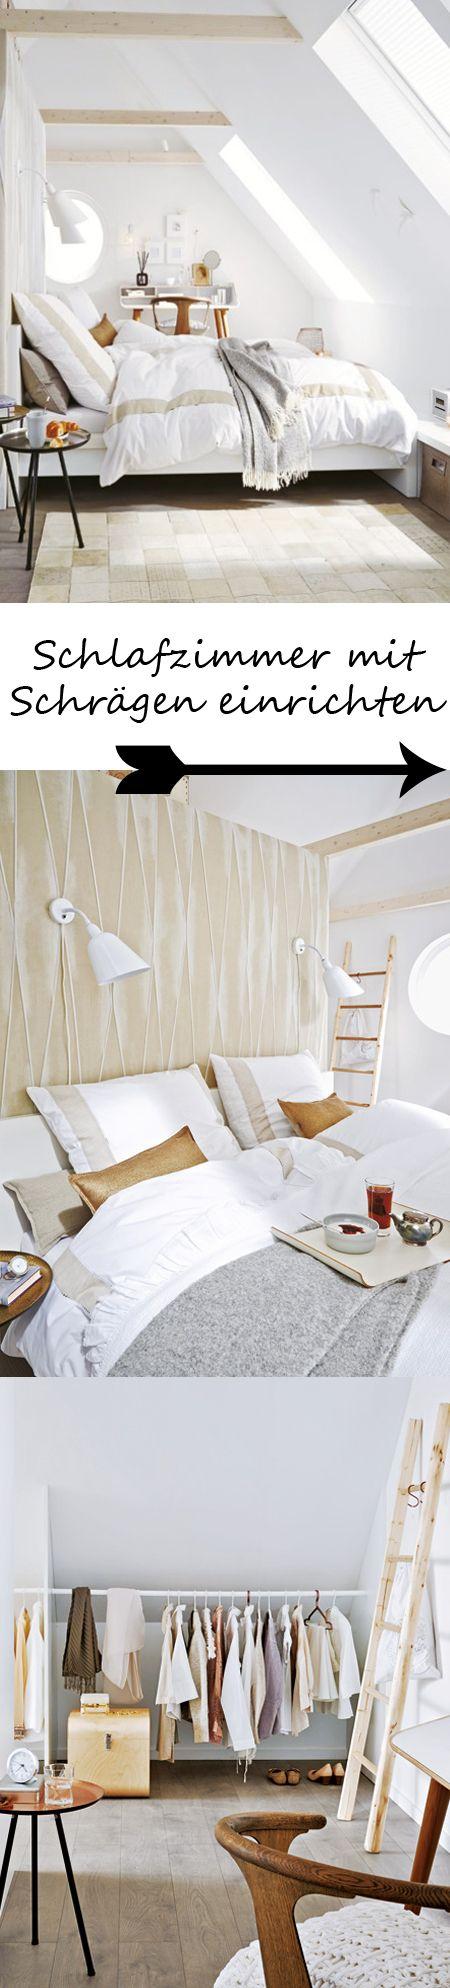 Räume mit Dachschrägen - die besten Wohntipps: Dachfenster ...